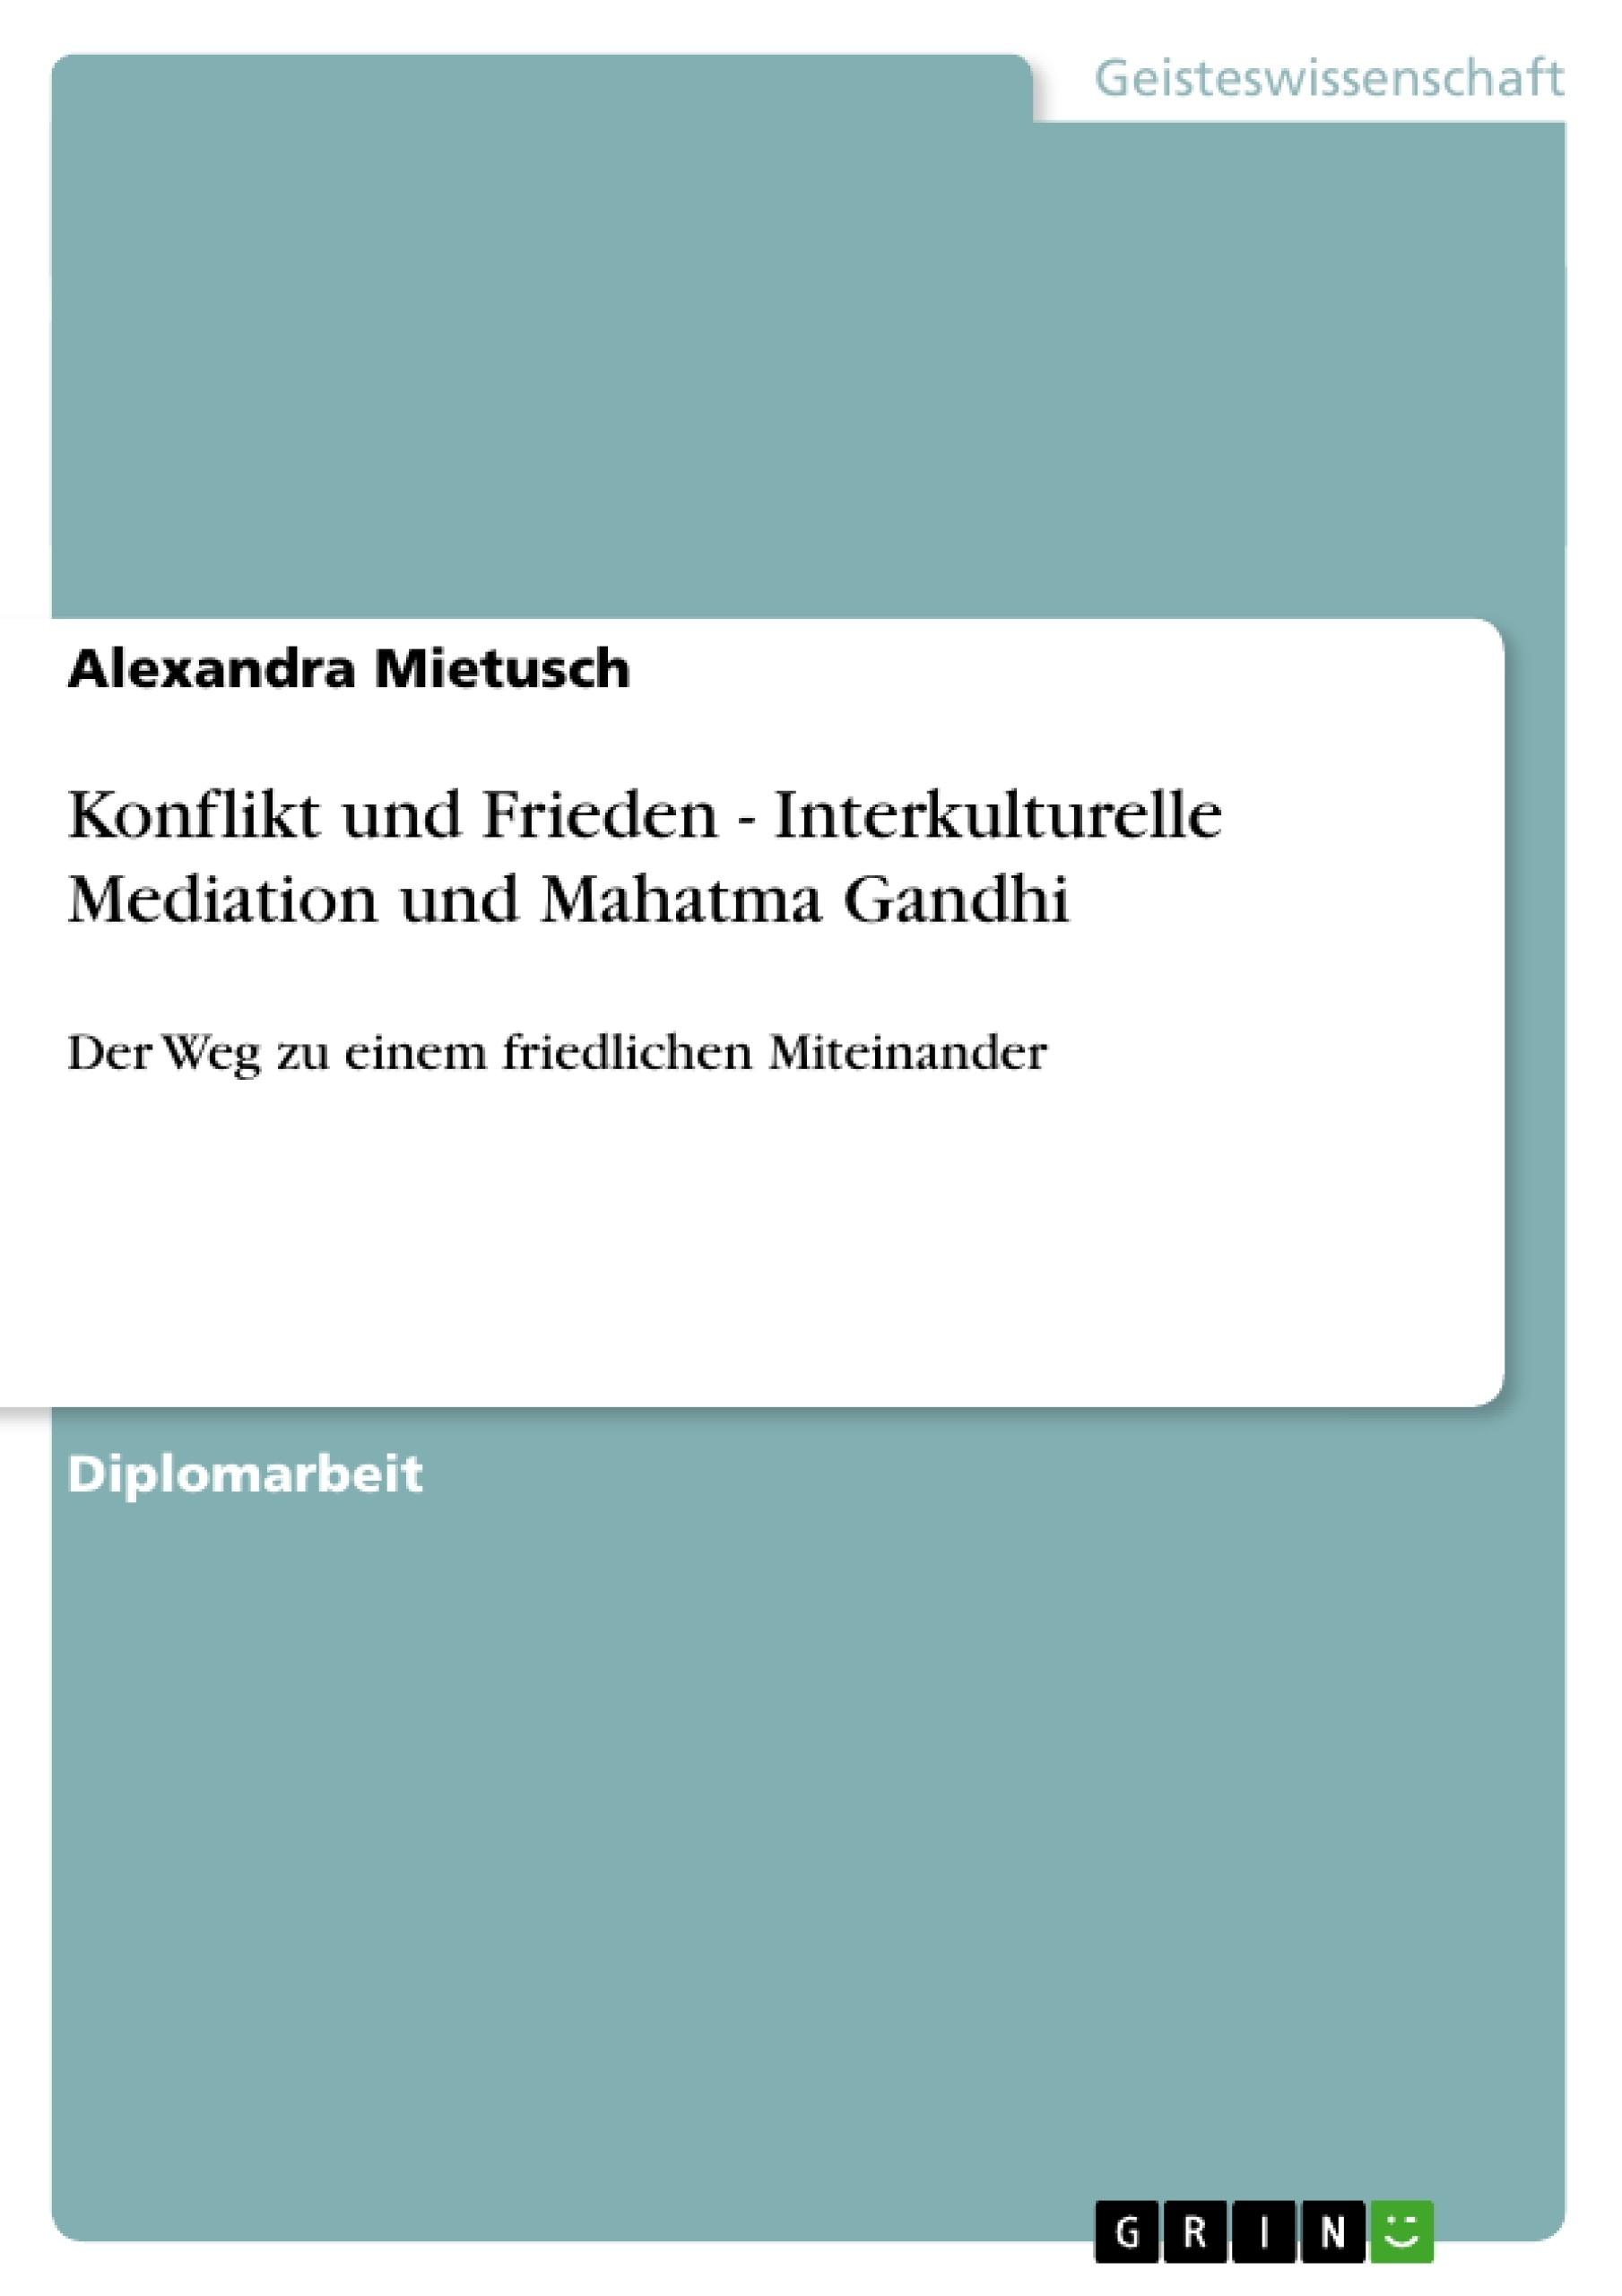 Titel: Konflikt und Frieden - Interkulturelle Mediation und Mahatma Gandhi